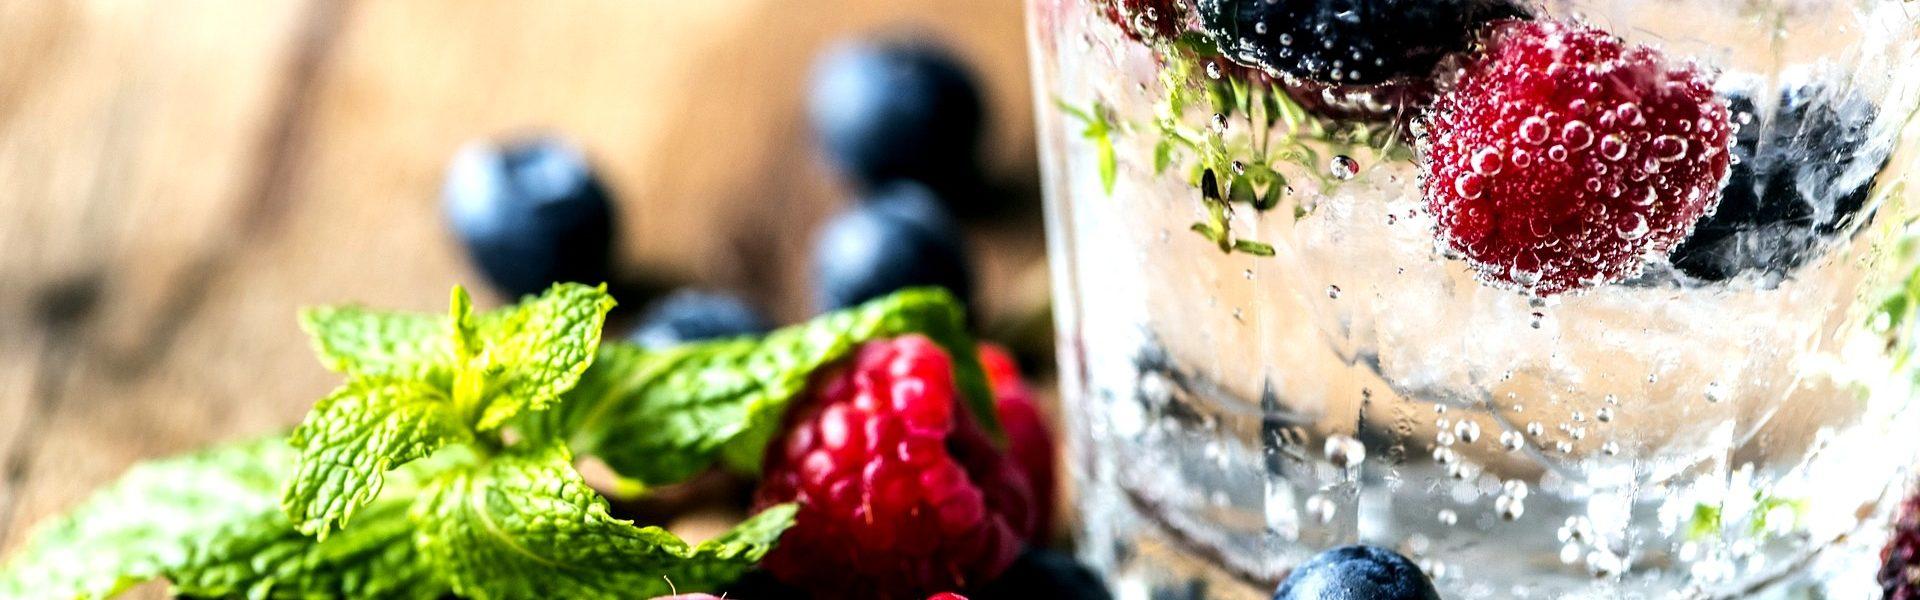 woda owoce szklanka woda z owocami